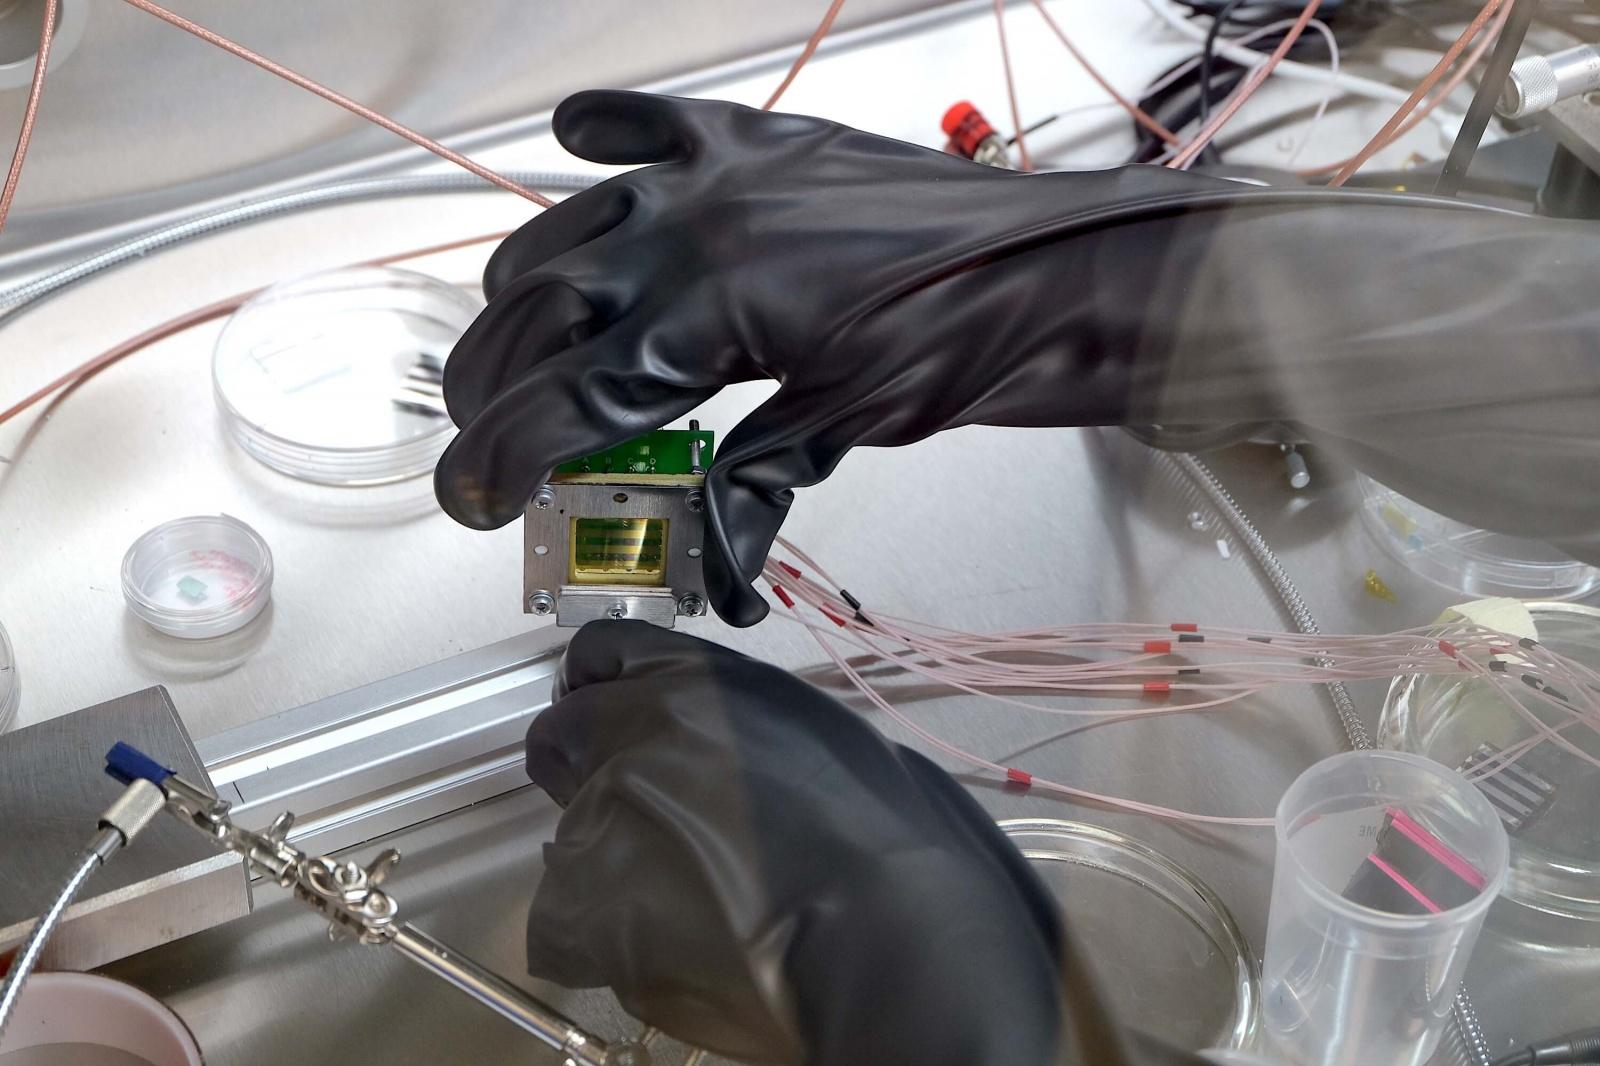 Фотоэкскурсия: что делают в лаборатории гибридной нанофотоники и оптоэлектроники Нового физтеха ИТМО - 16